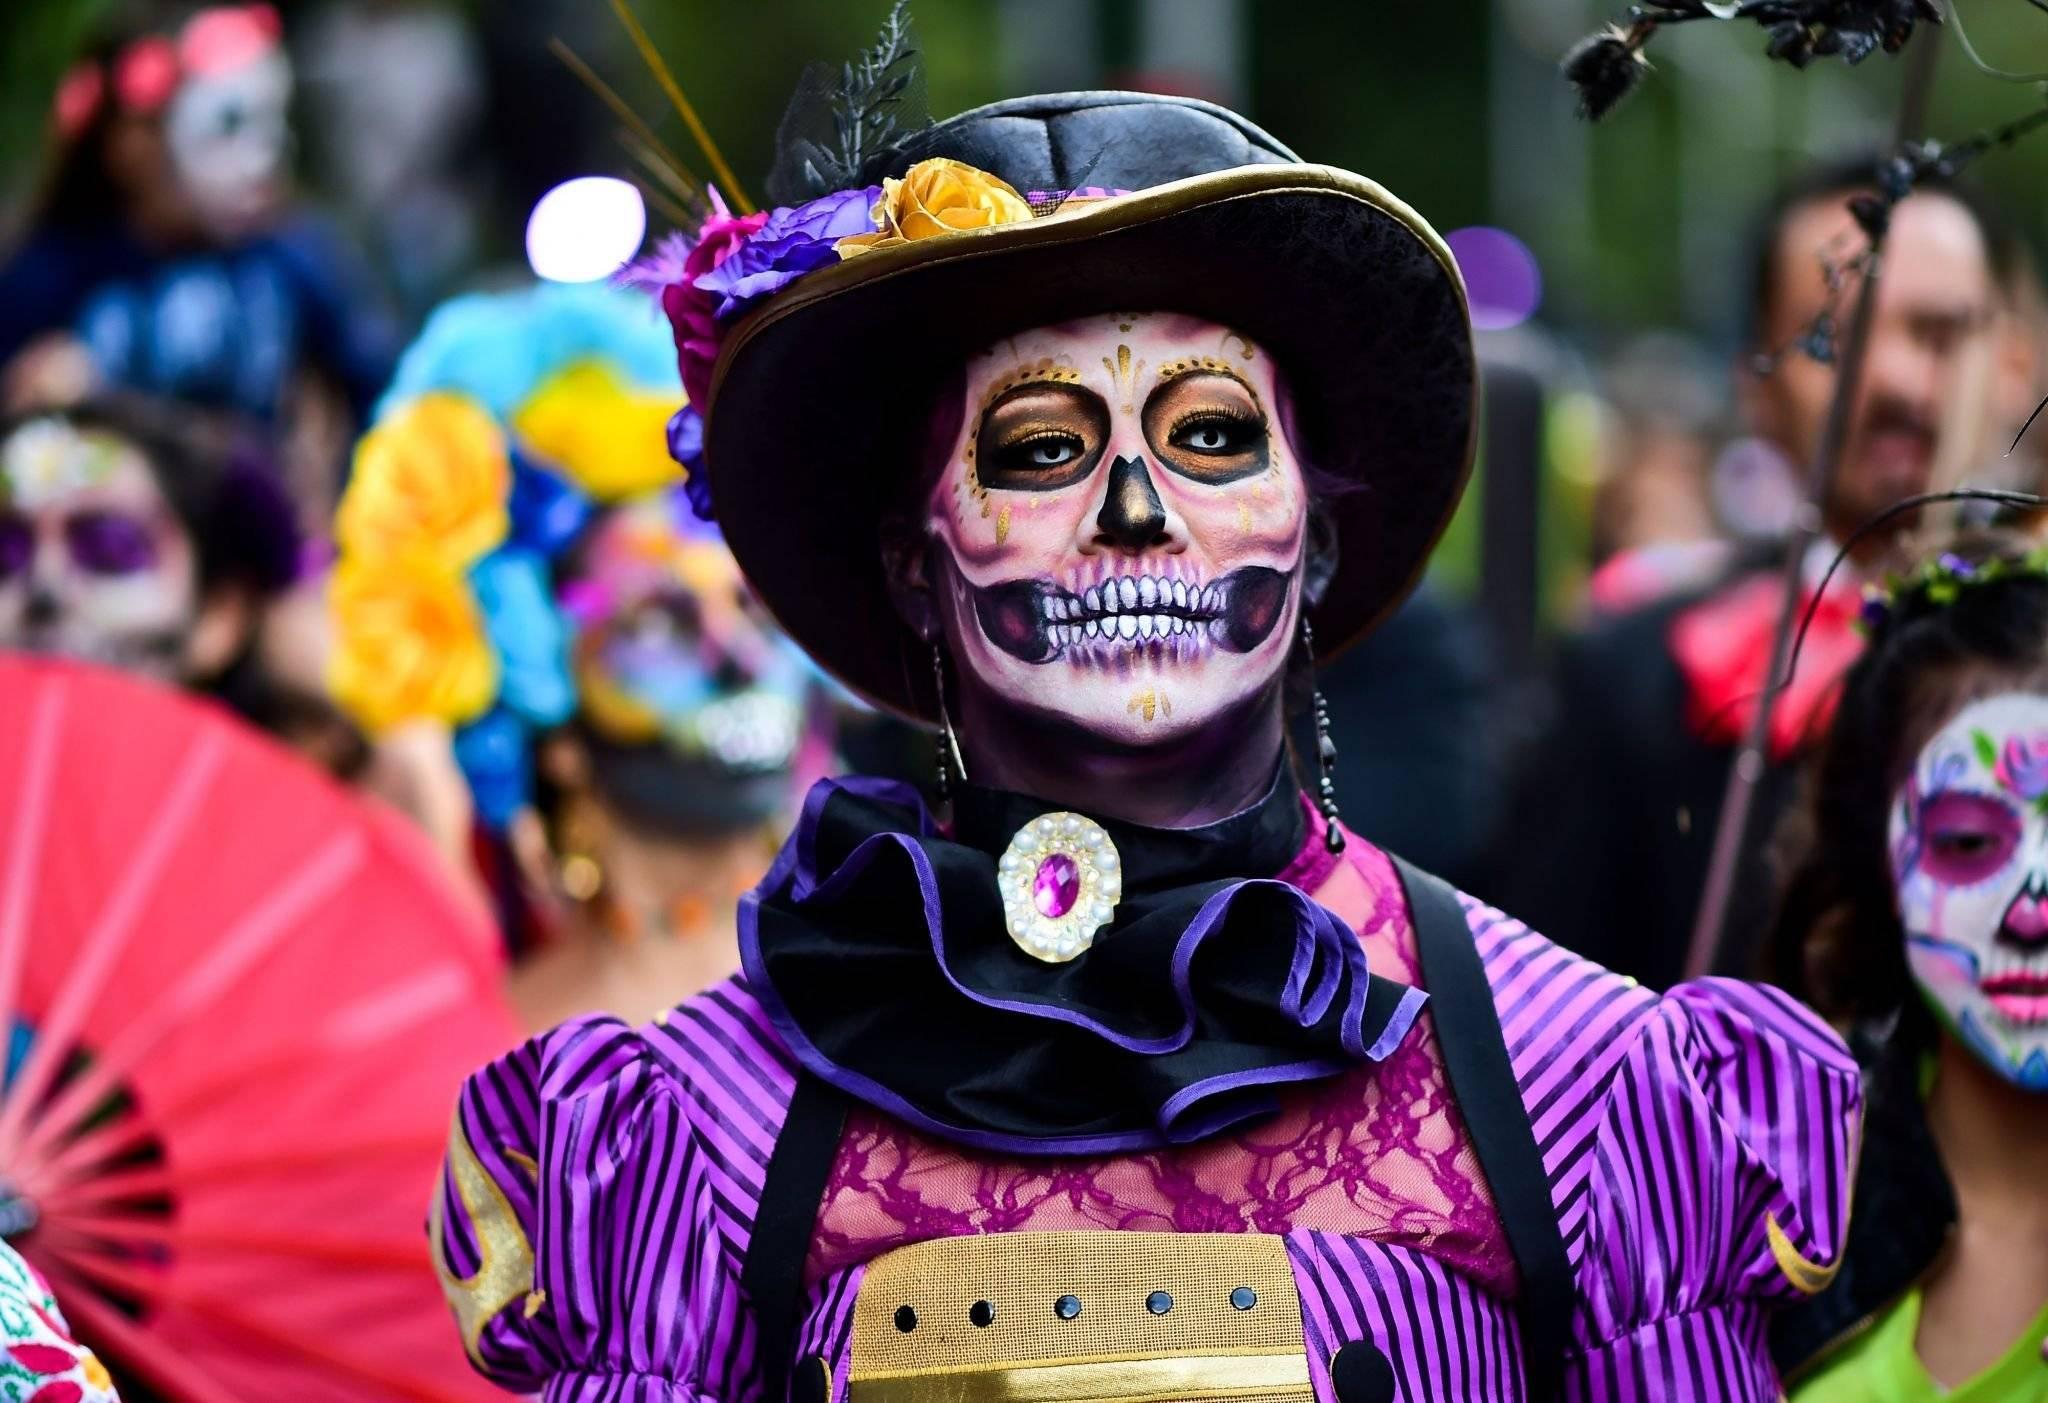 Празднование хэллоуина для детей и взрослых — традиции дня мертвых. яркий и незабываемый хеллоуин дома что делать дома на хэллоуин